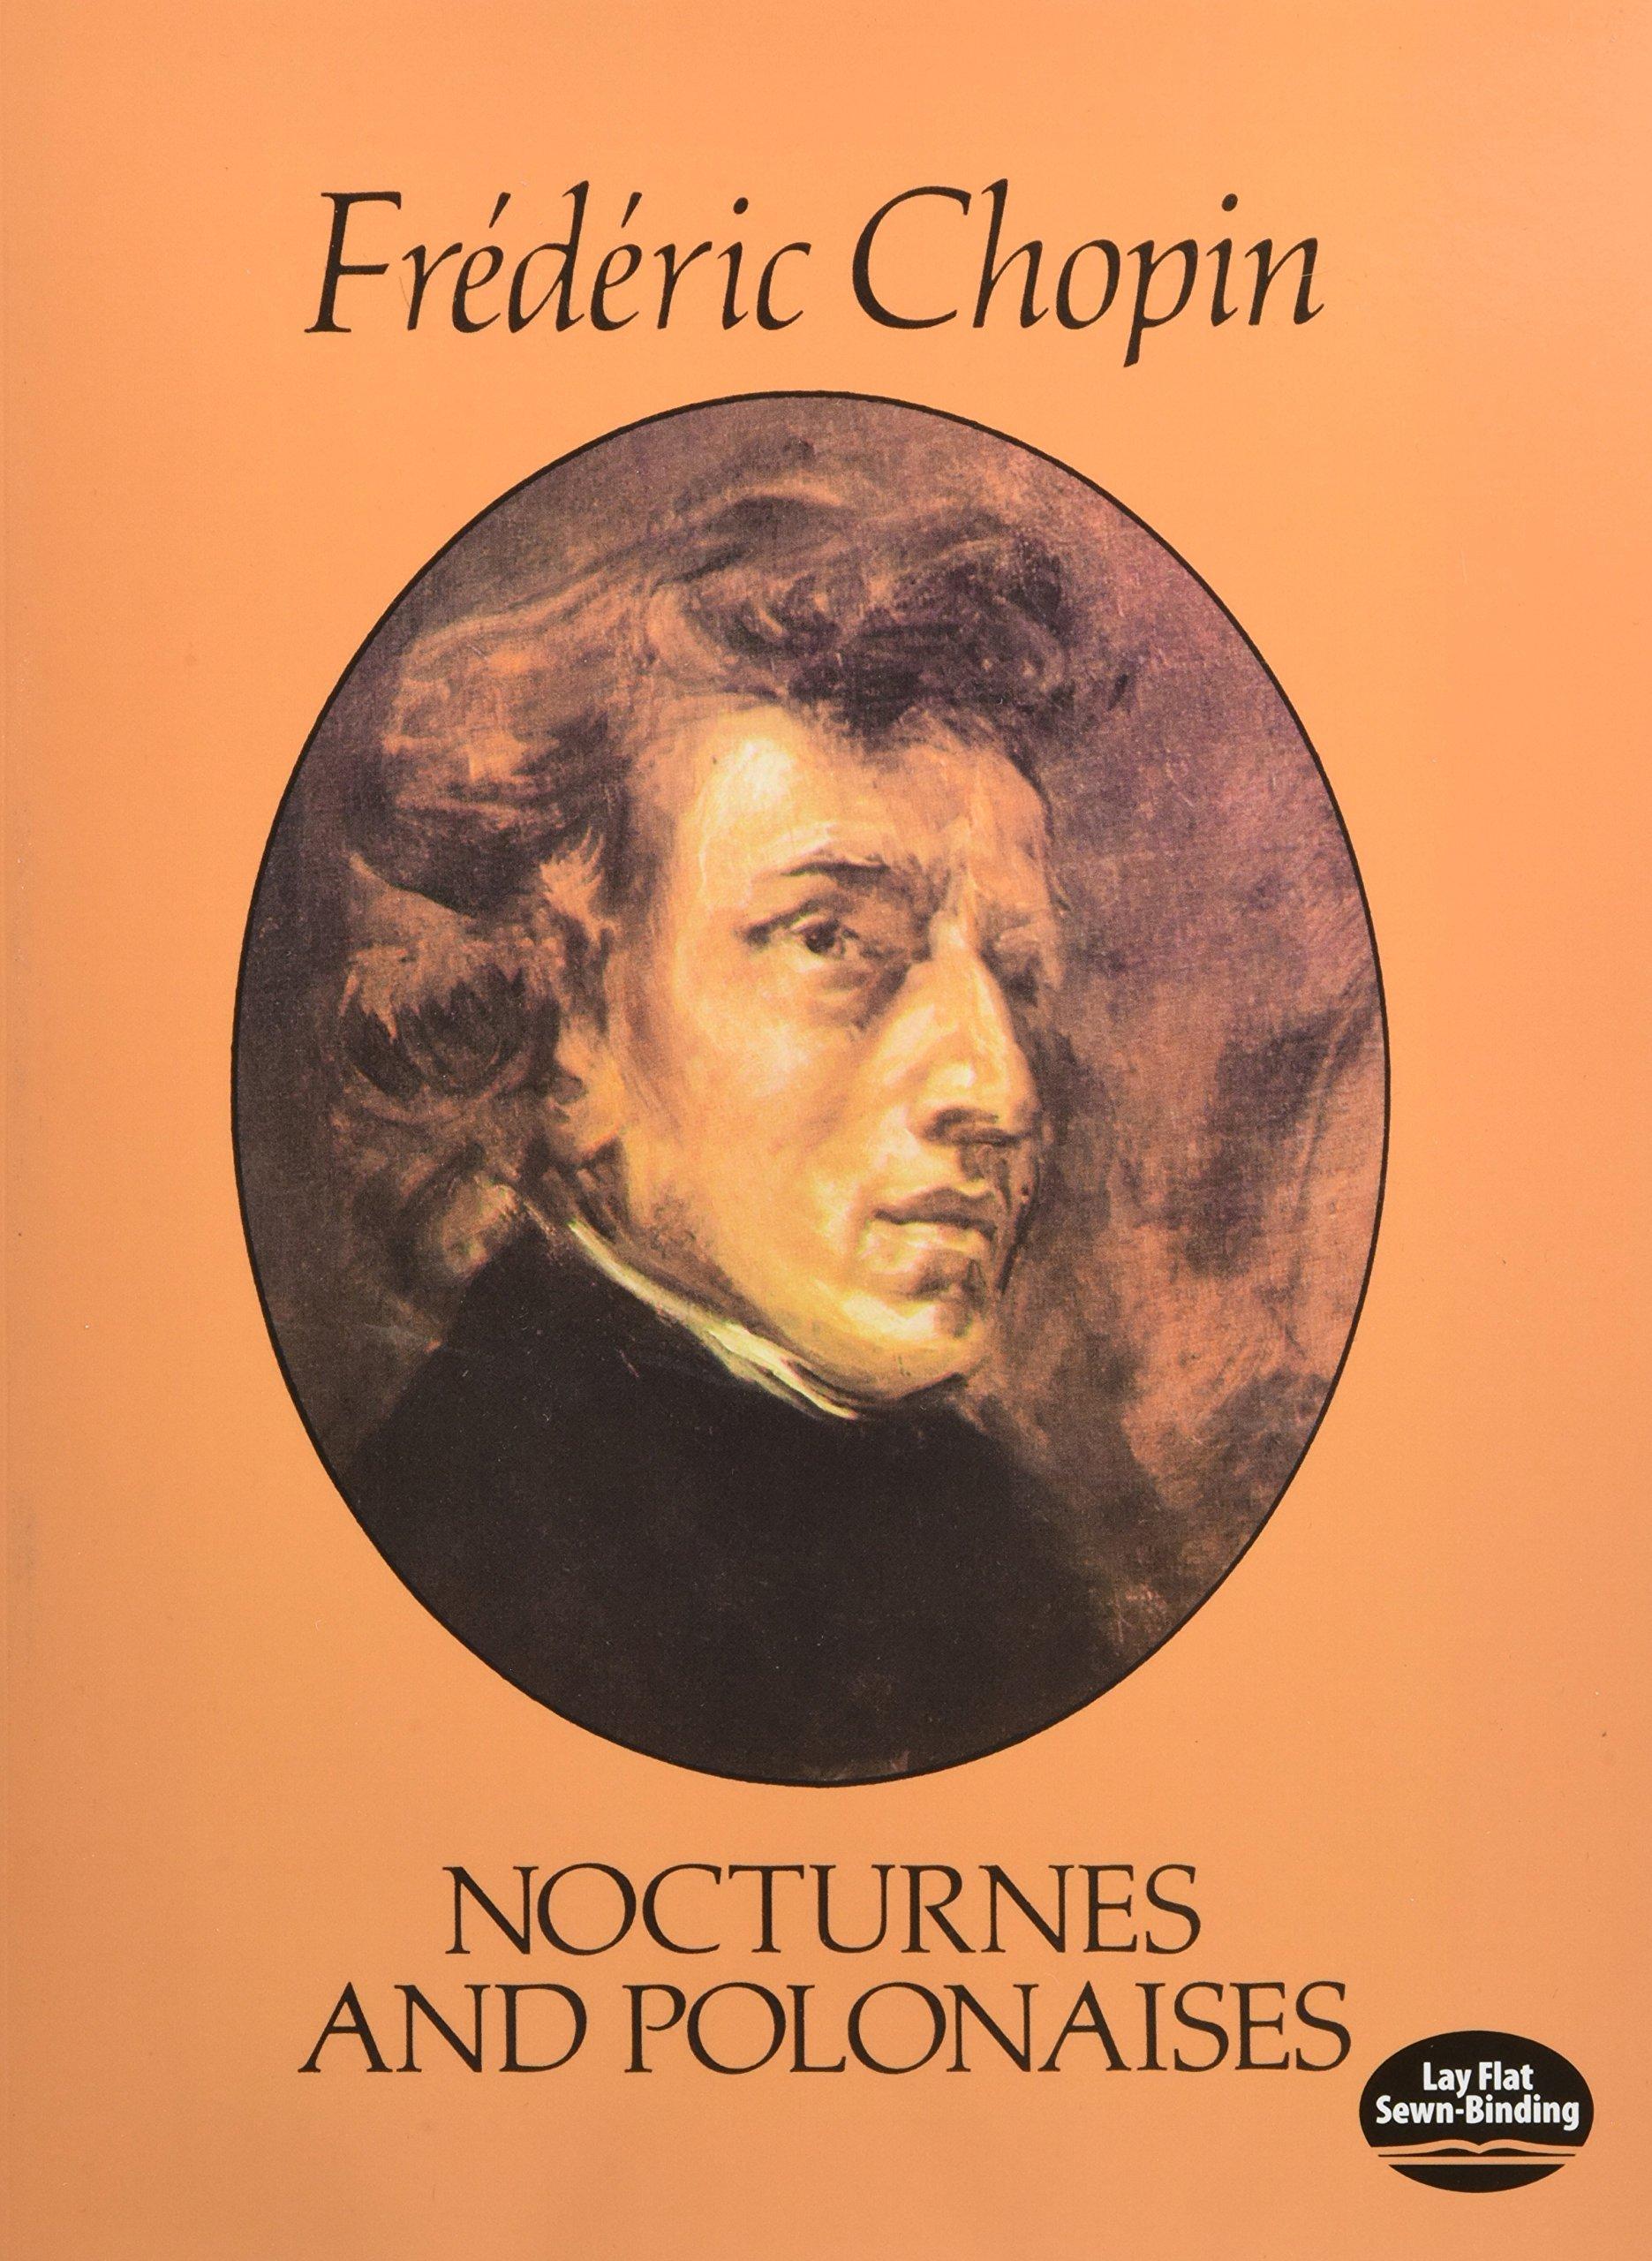 nocturnes chopin gratuit